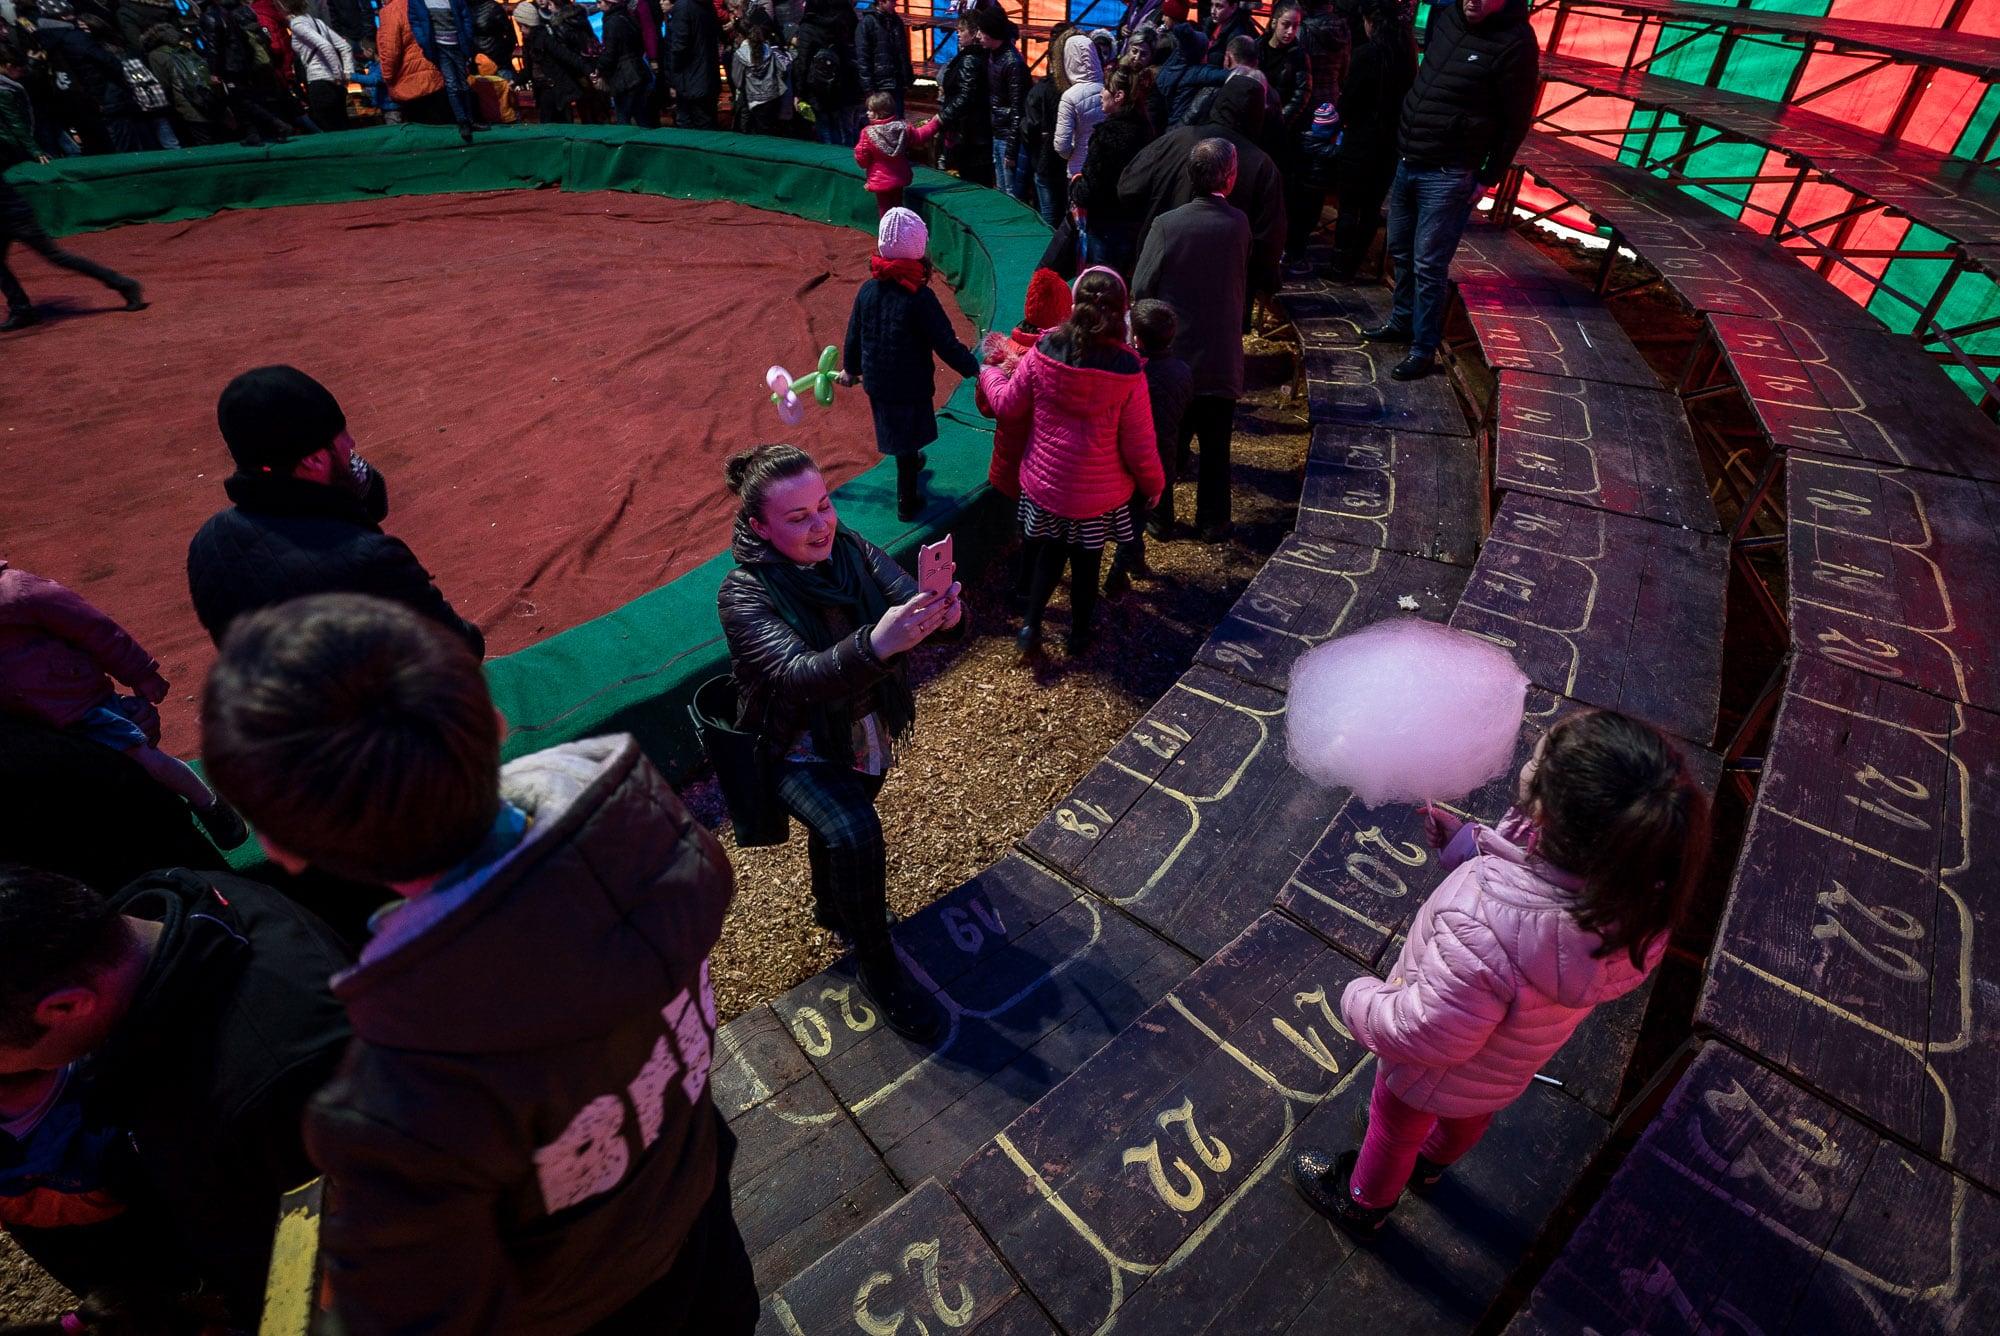 photos at the circus